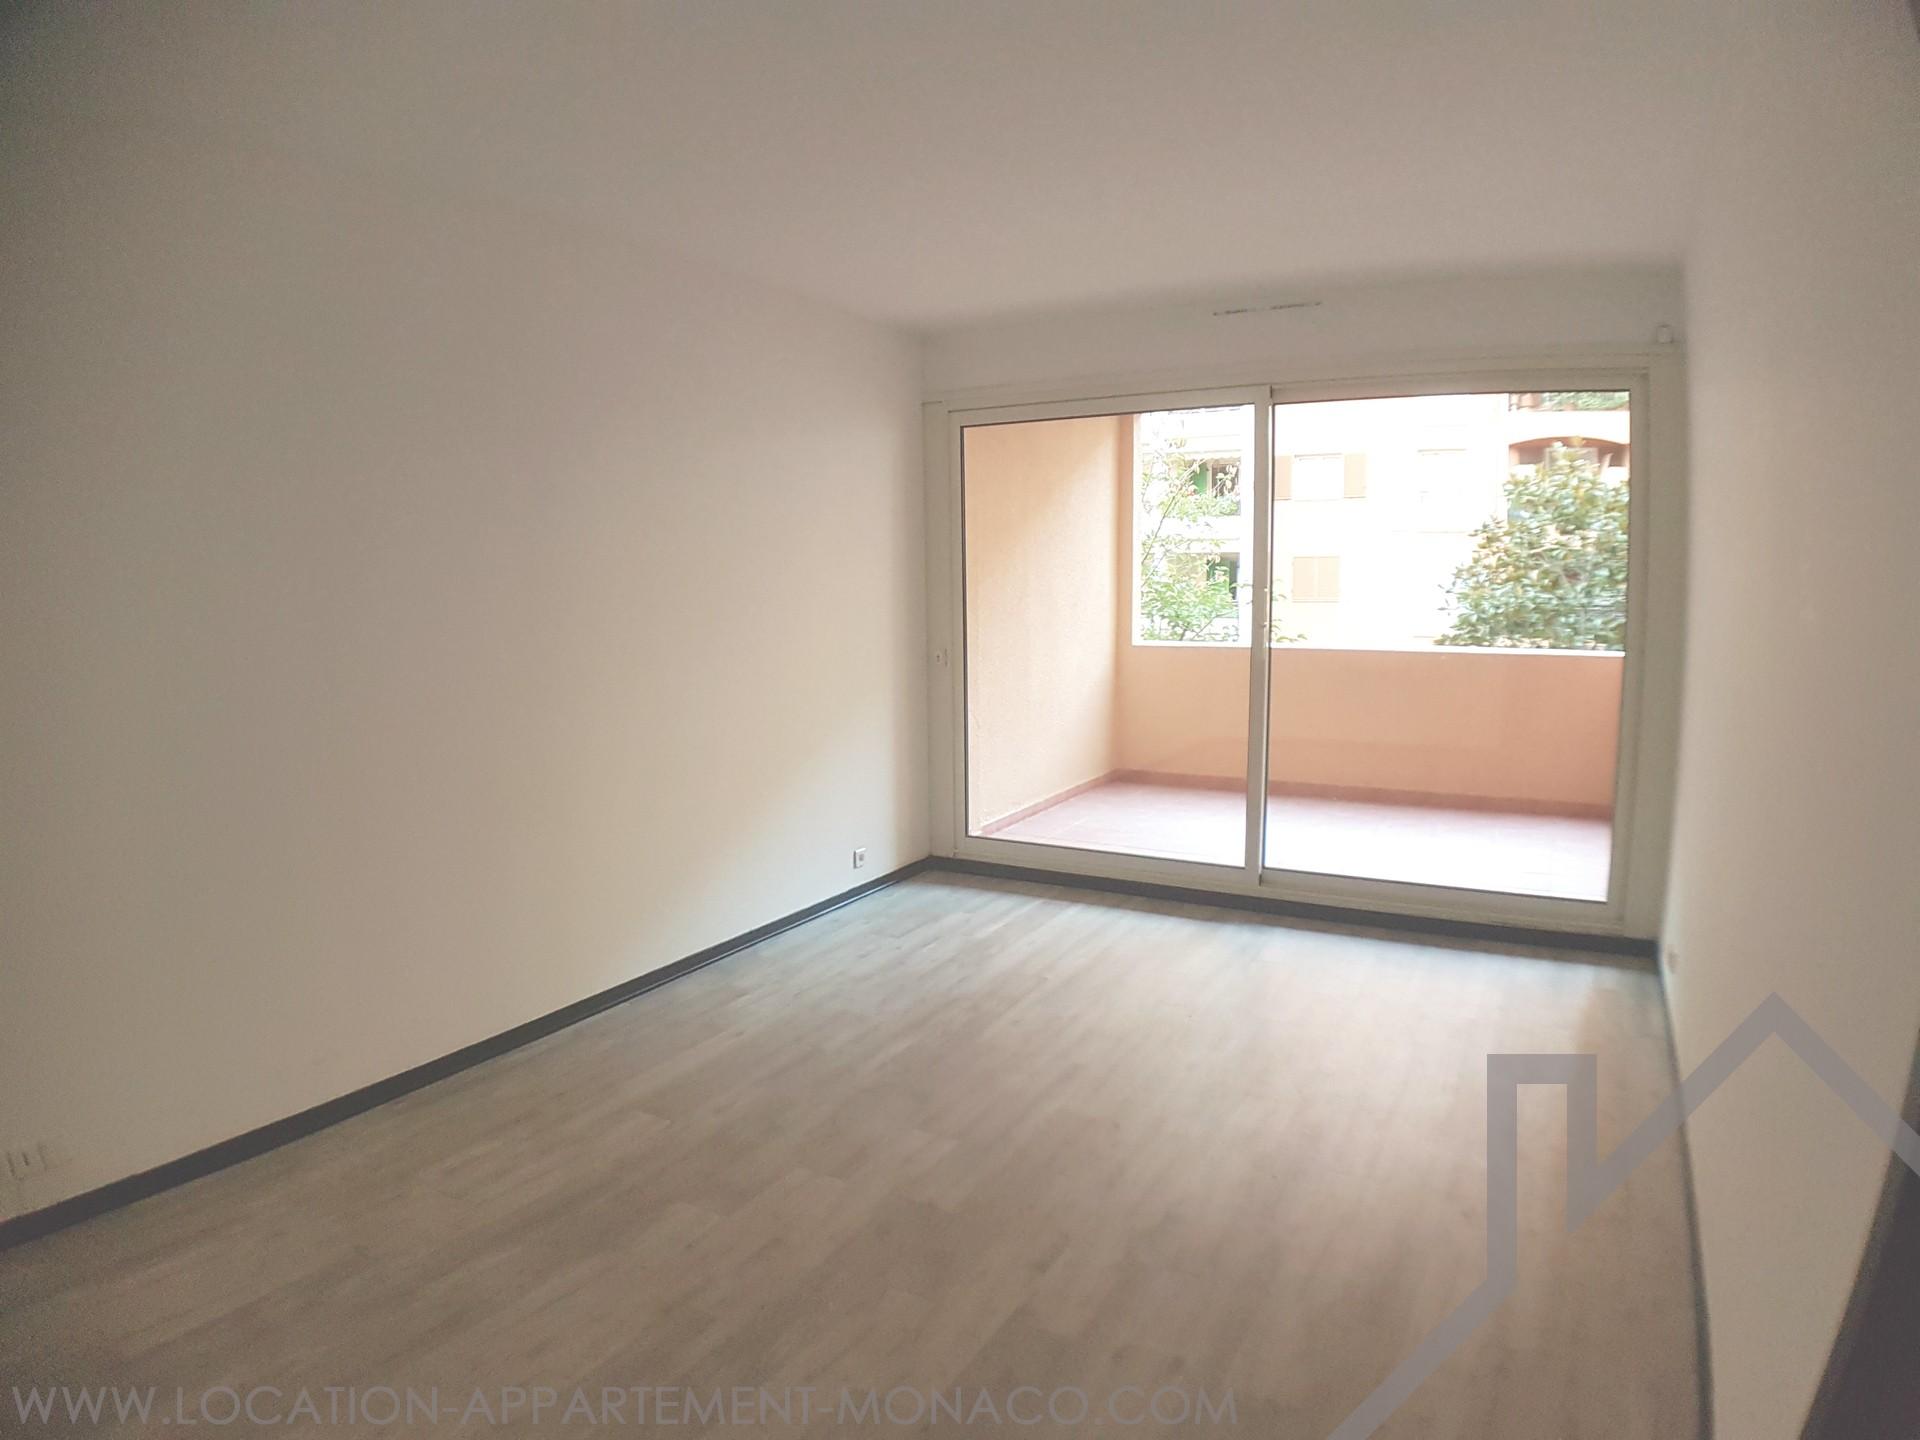 Spacieux studio sur fontvieille location d 39 appartements monaco - Studio appartement m ...